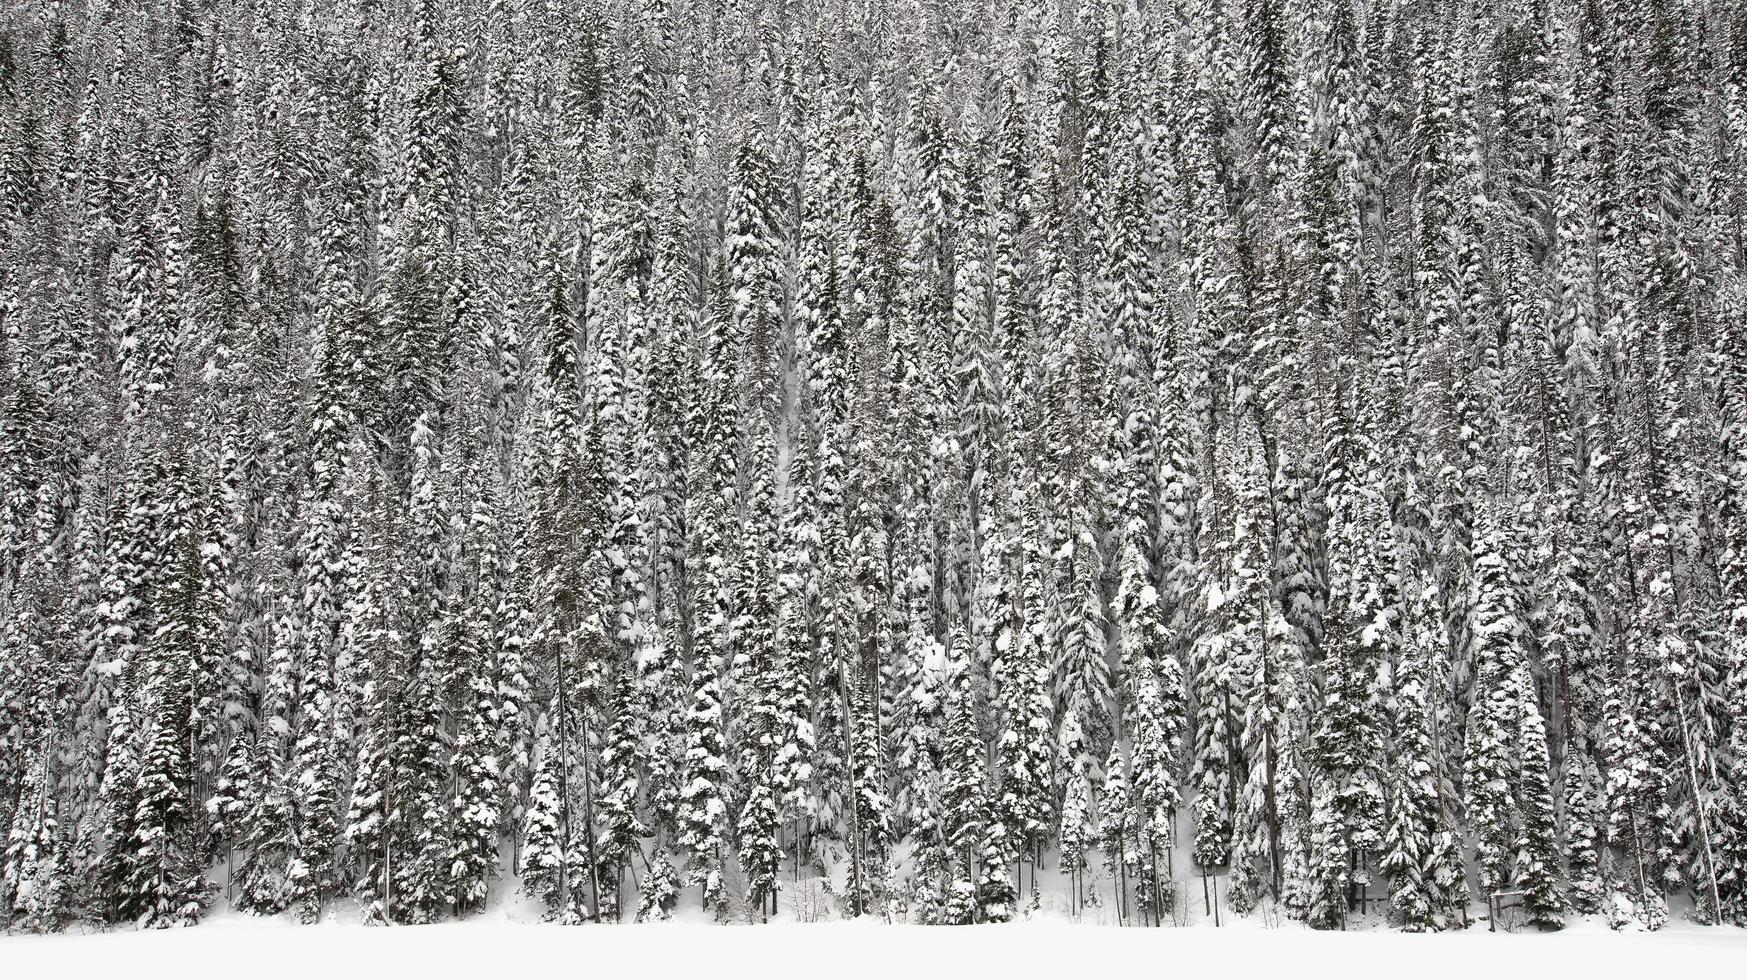 foresta di abeti nella neve foto